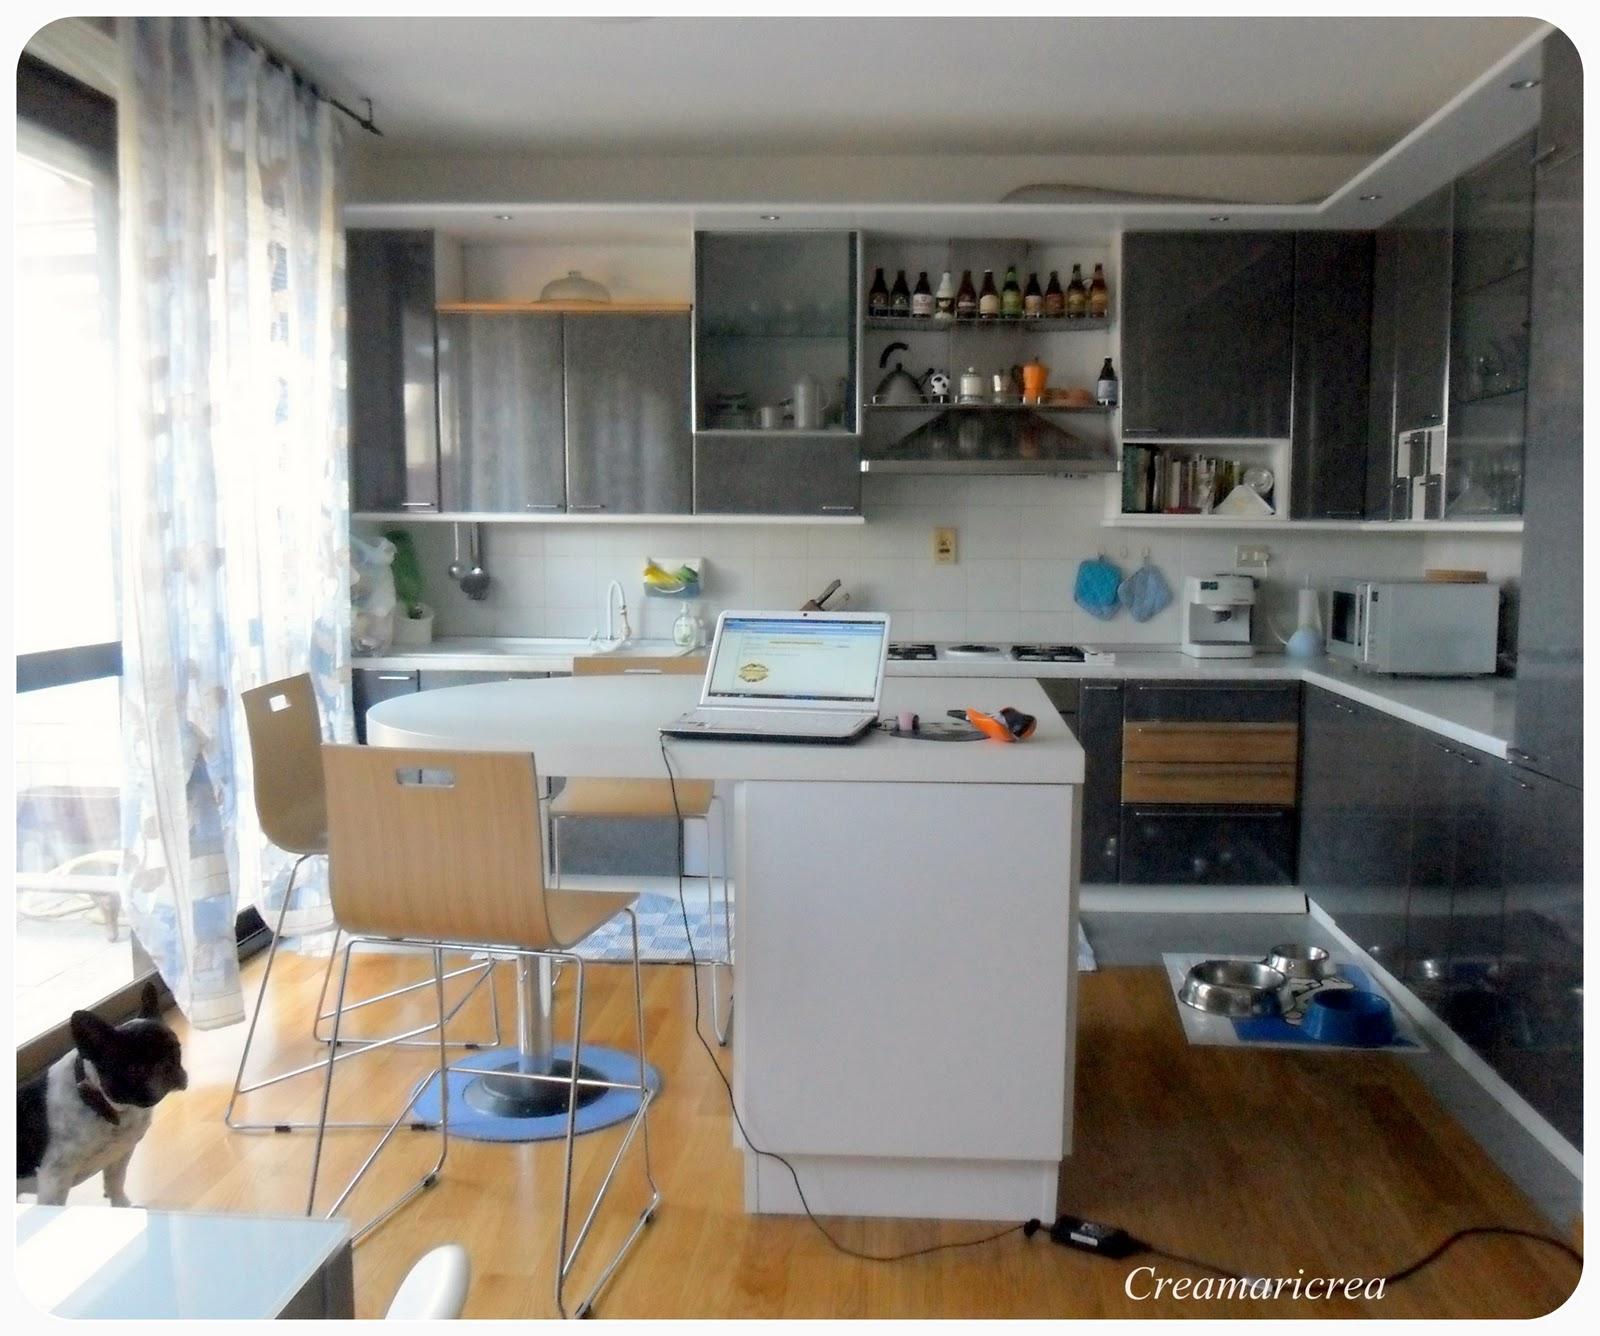 Country decorazione cucina - Cucina bianca ikea ...